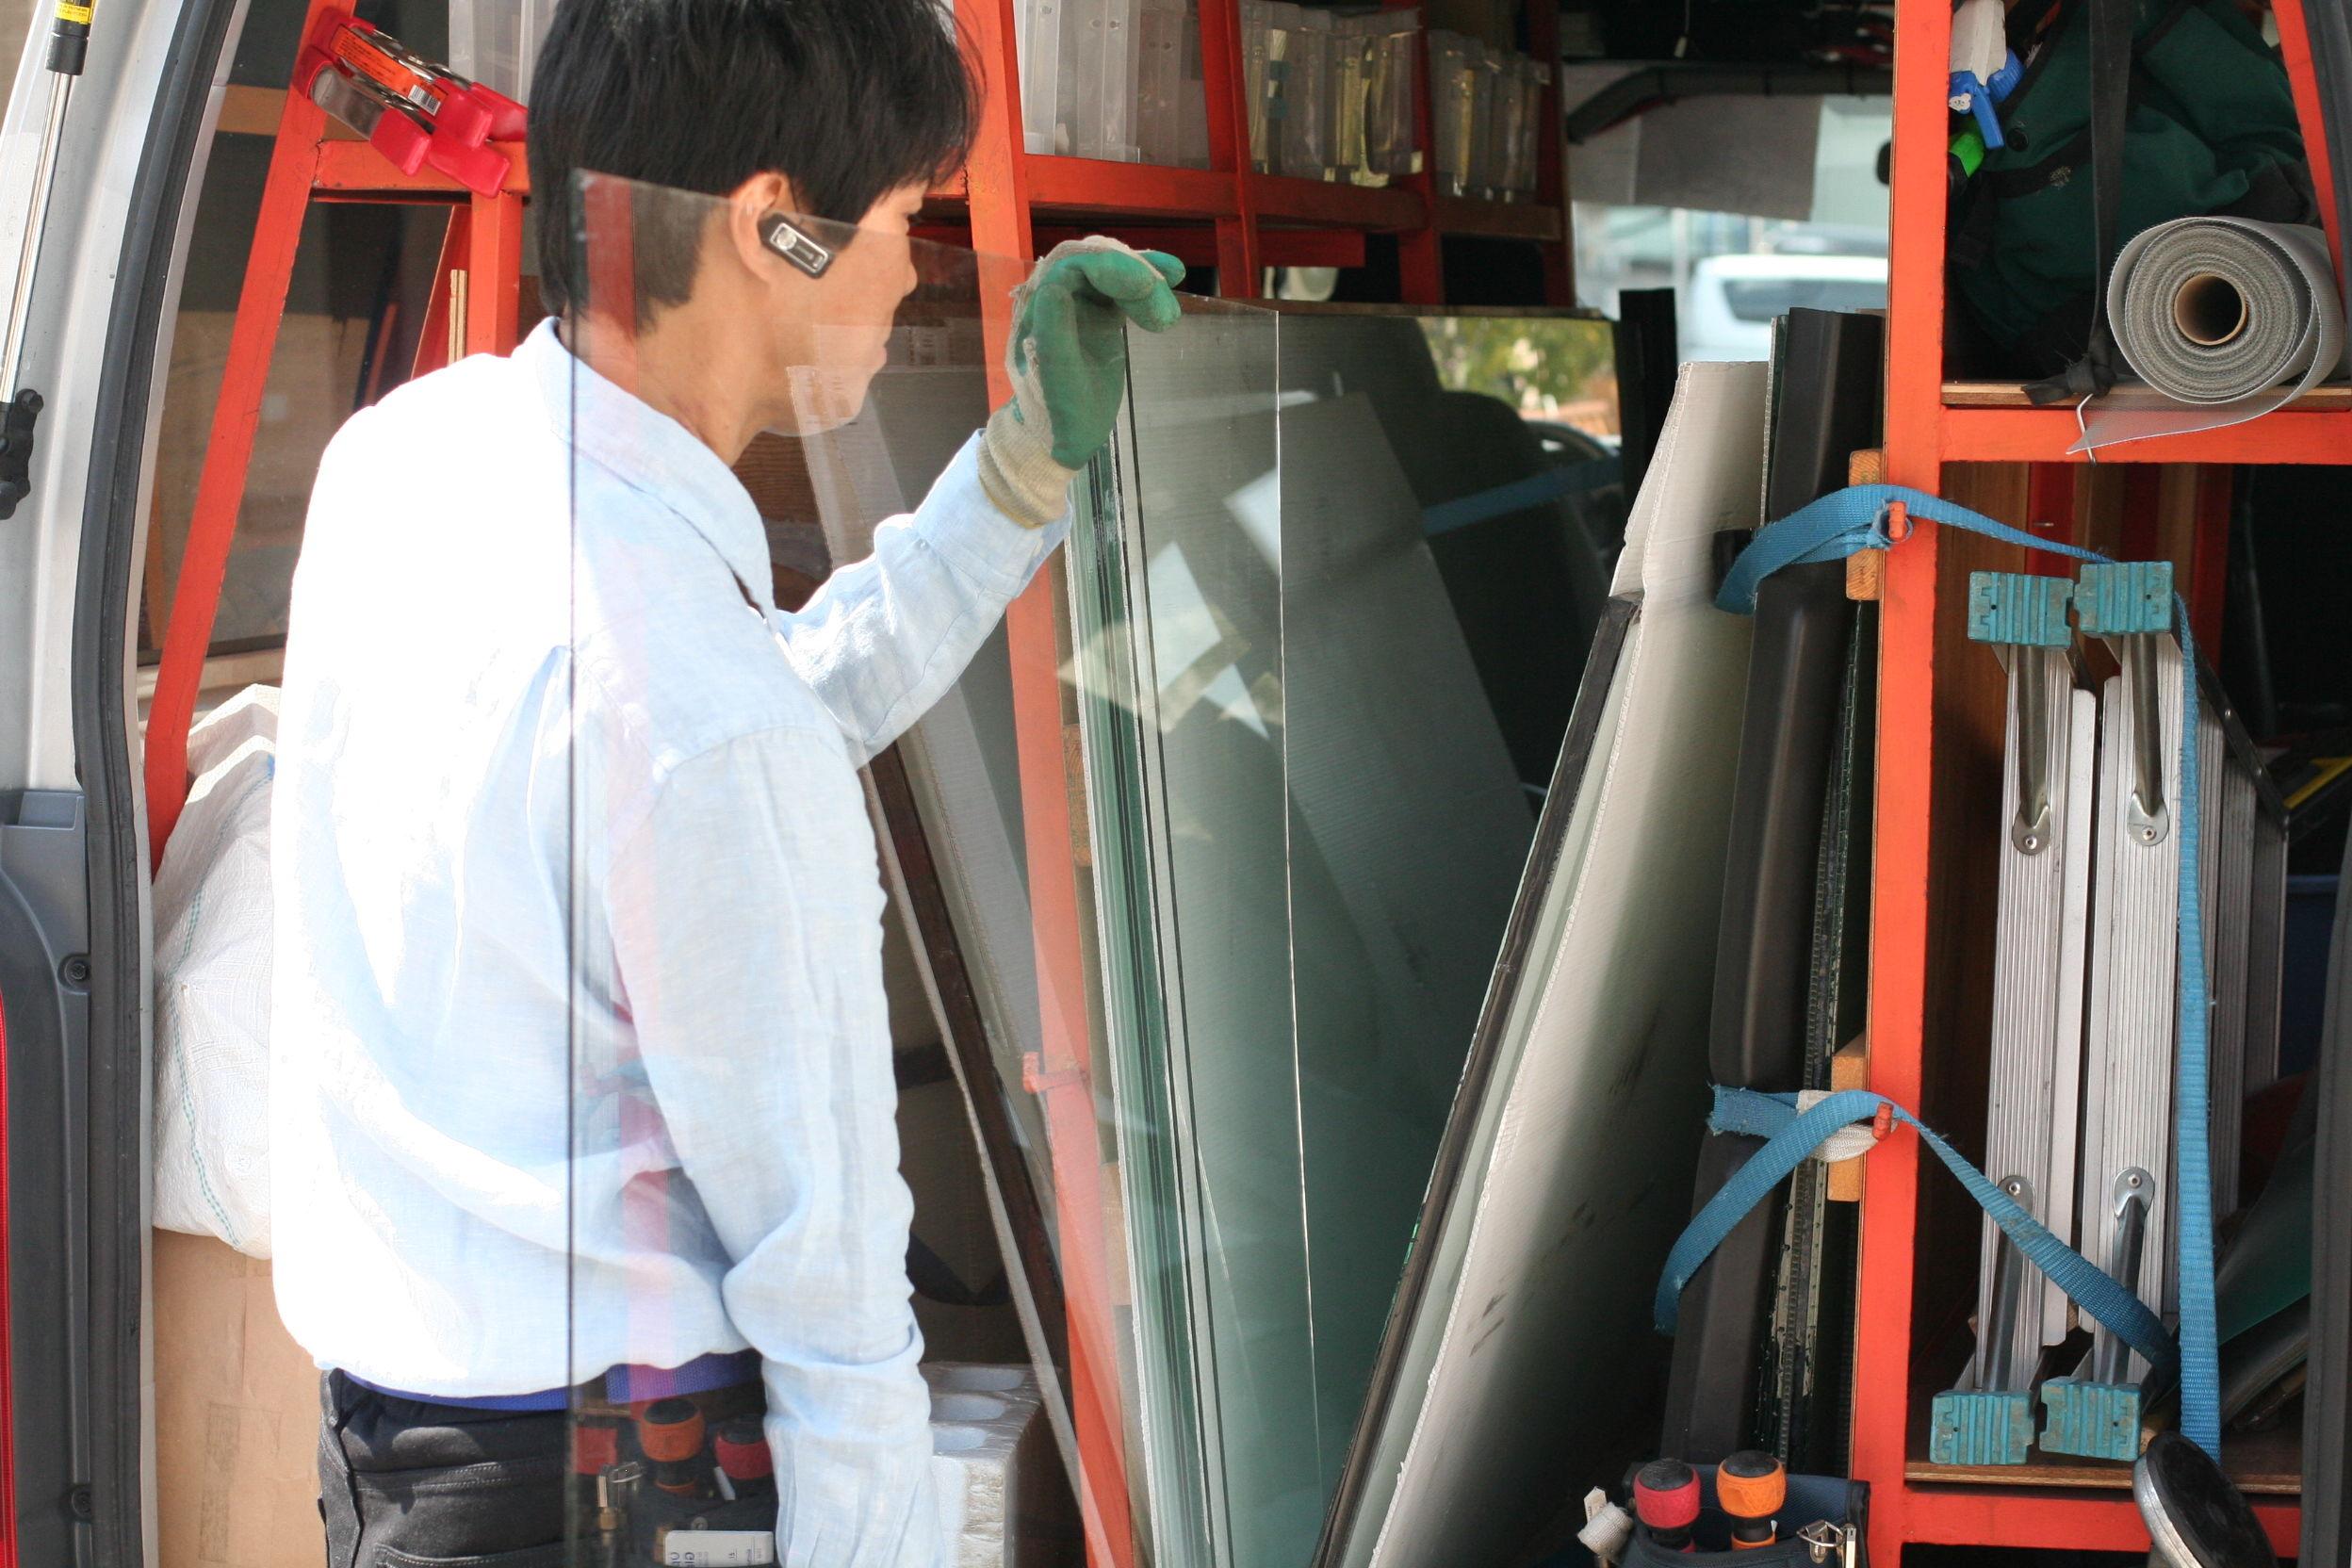 ガラスのトラブル救Q隊.24【横浜市鶴見区 出張エリア】の店内・外観画像2